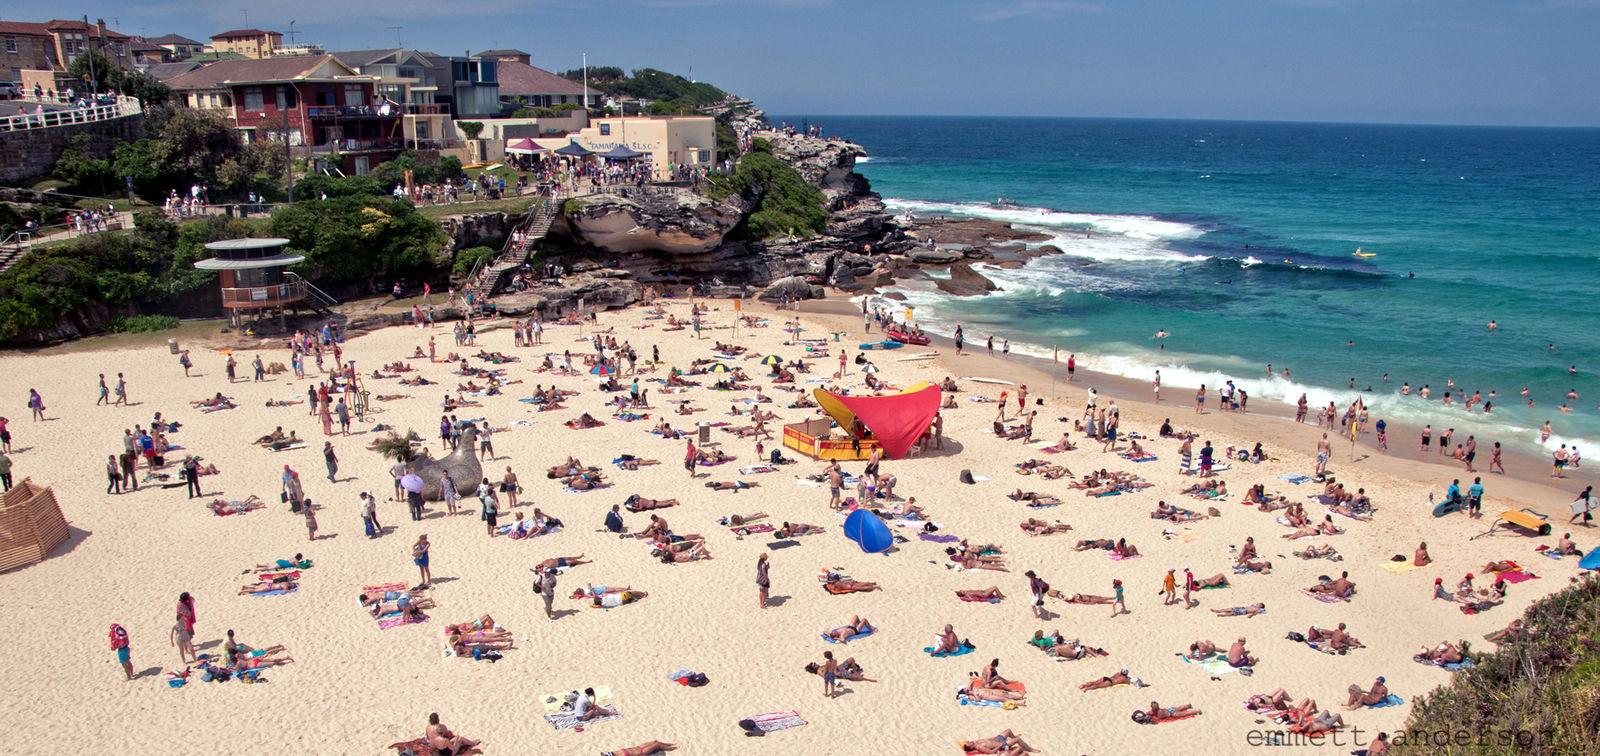 Сидней хотод сүүлийн 80 жилийн хугацаанд тохиолдоогүй их халуун болжээ